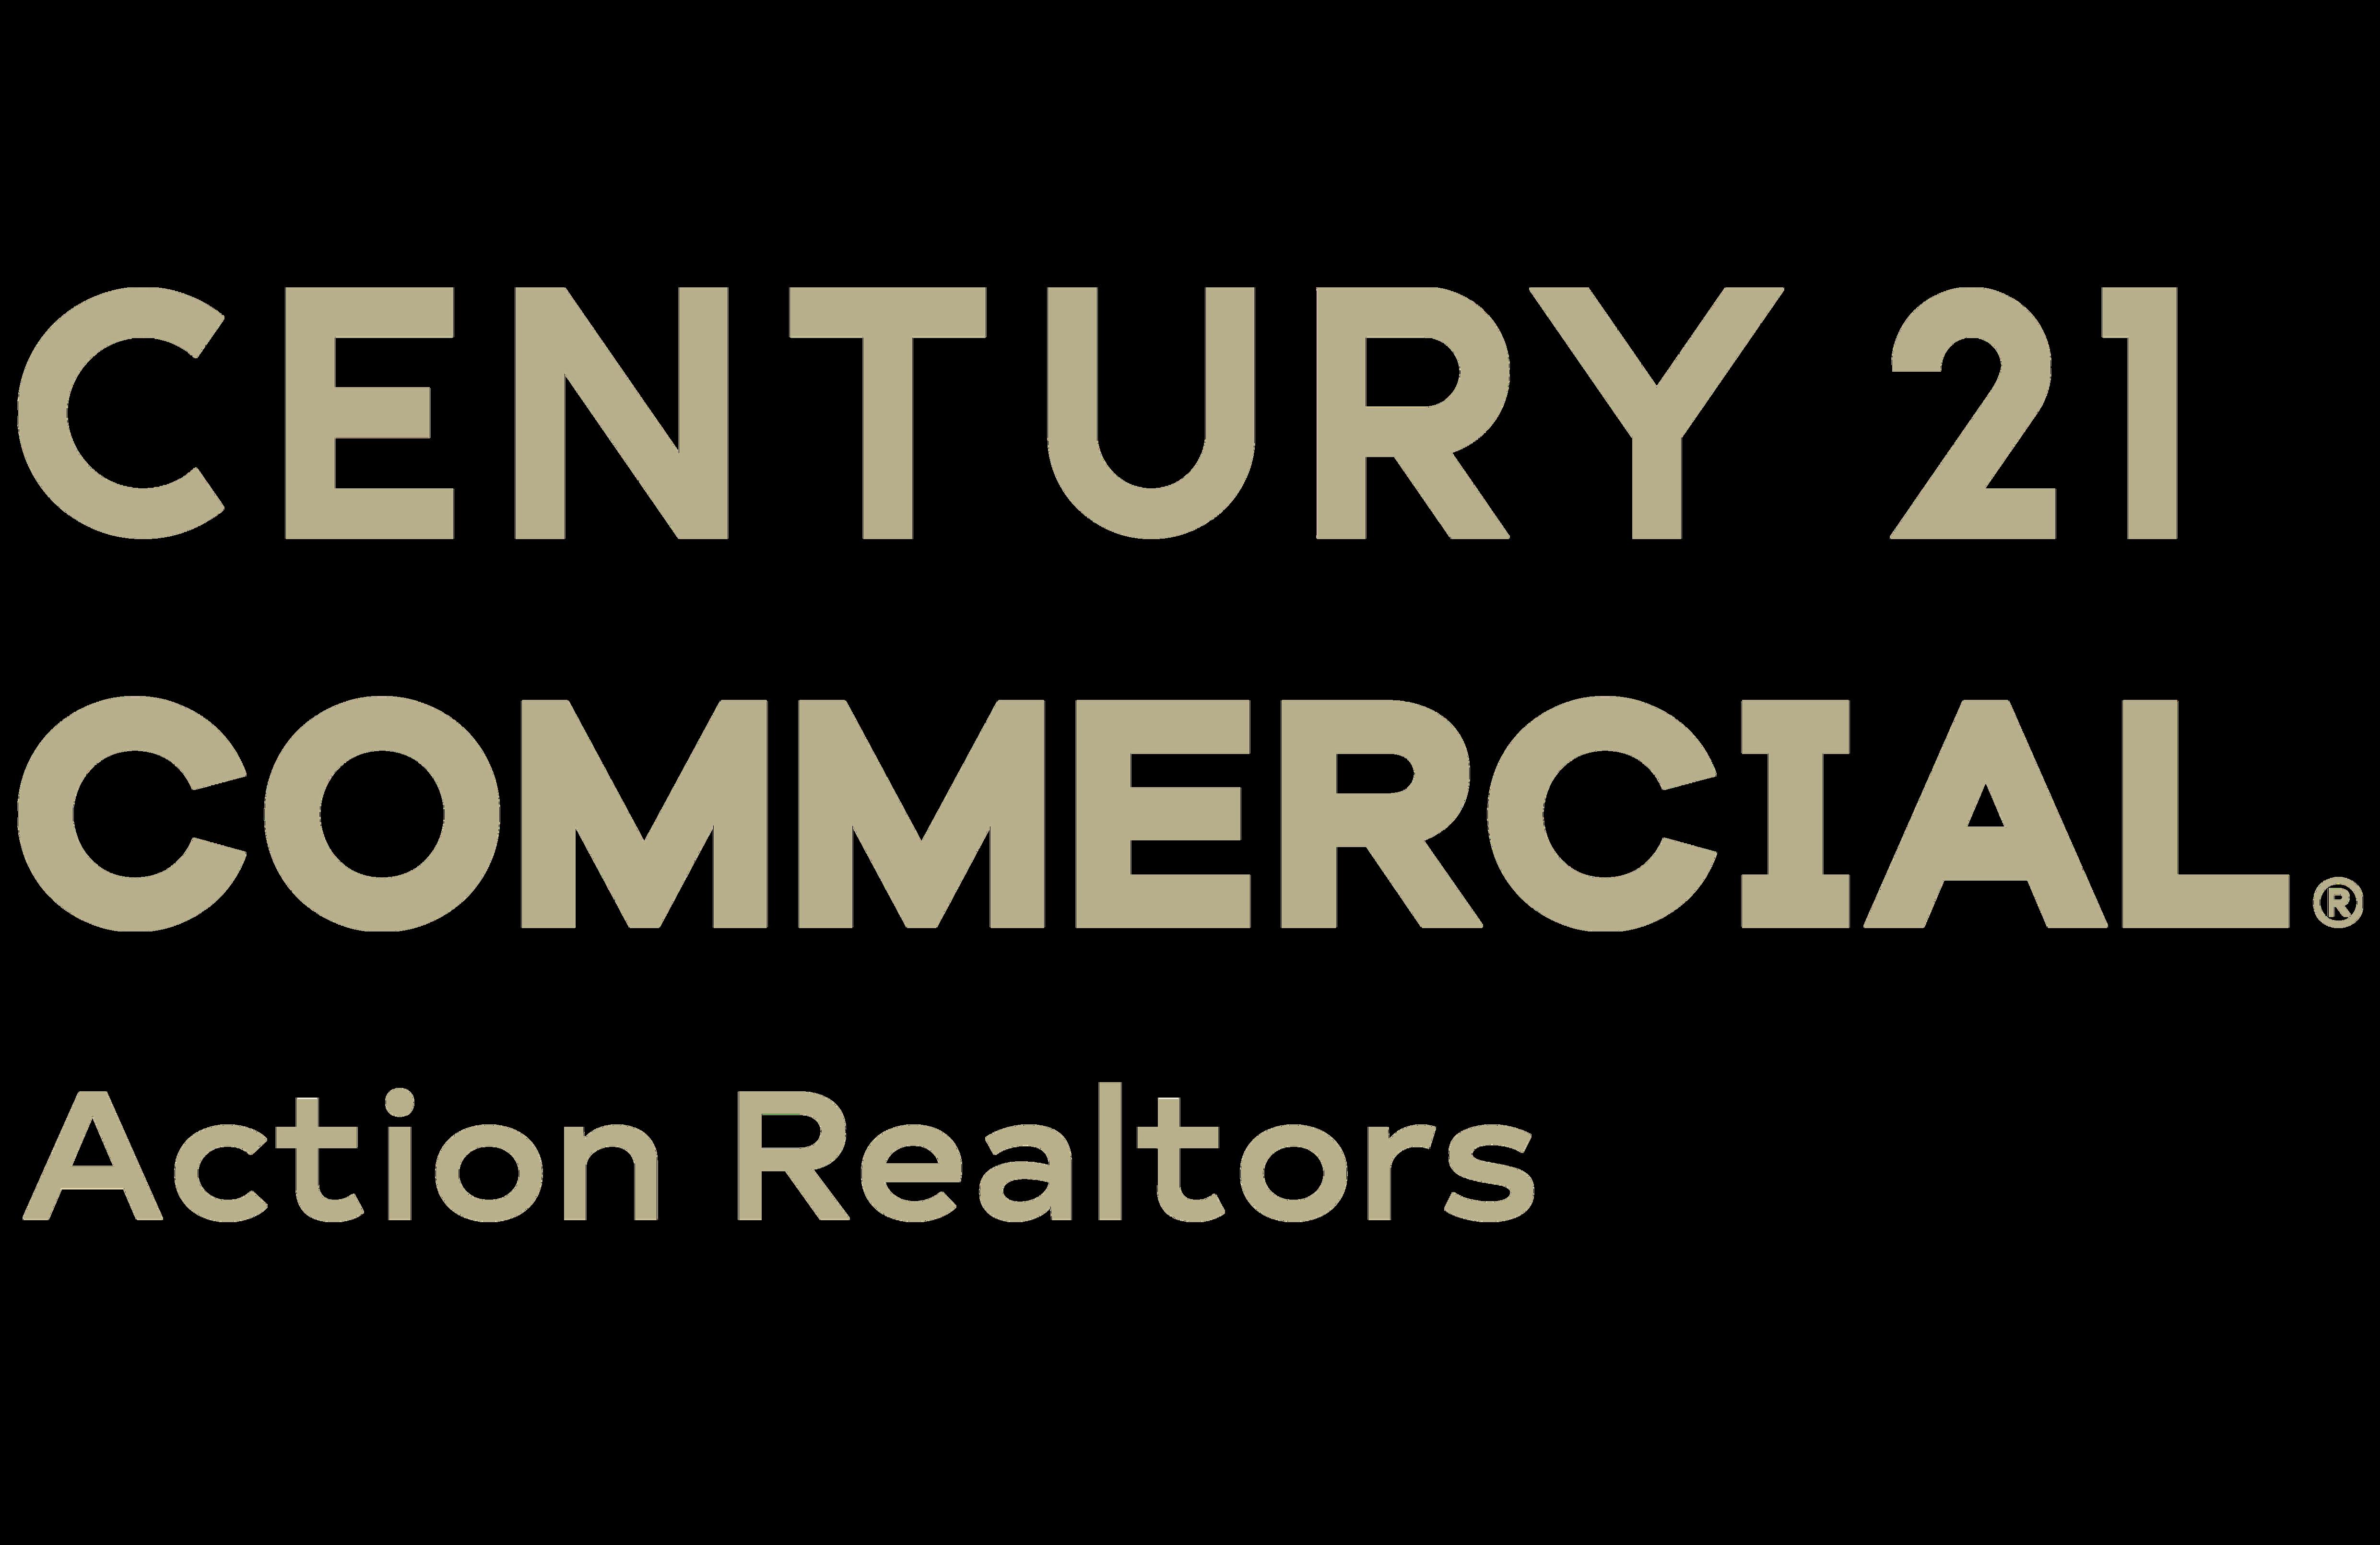 CENTURY 21 Action Realtors